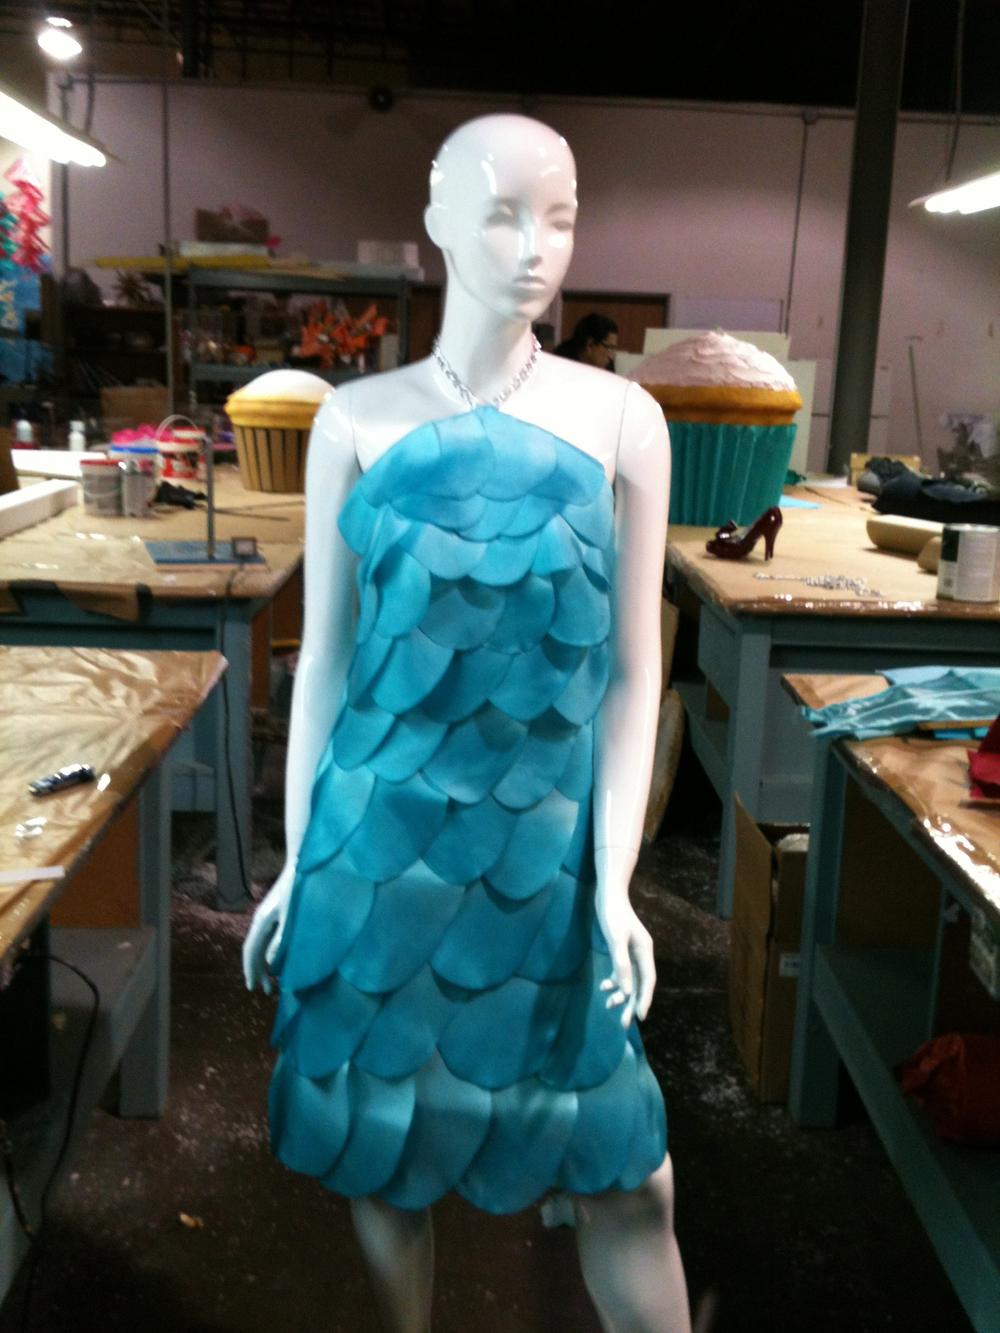 BLUE SHINGLE DRESS